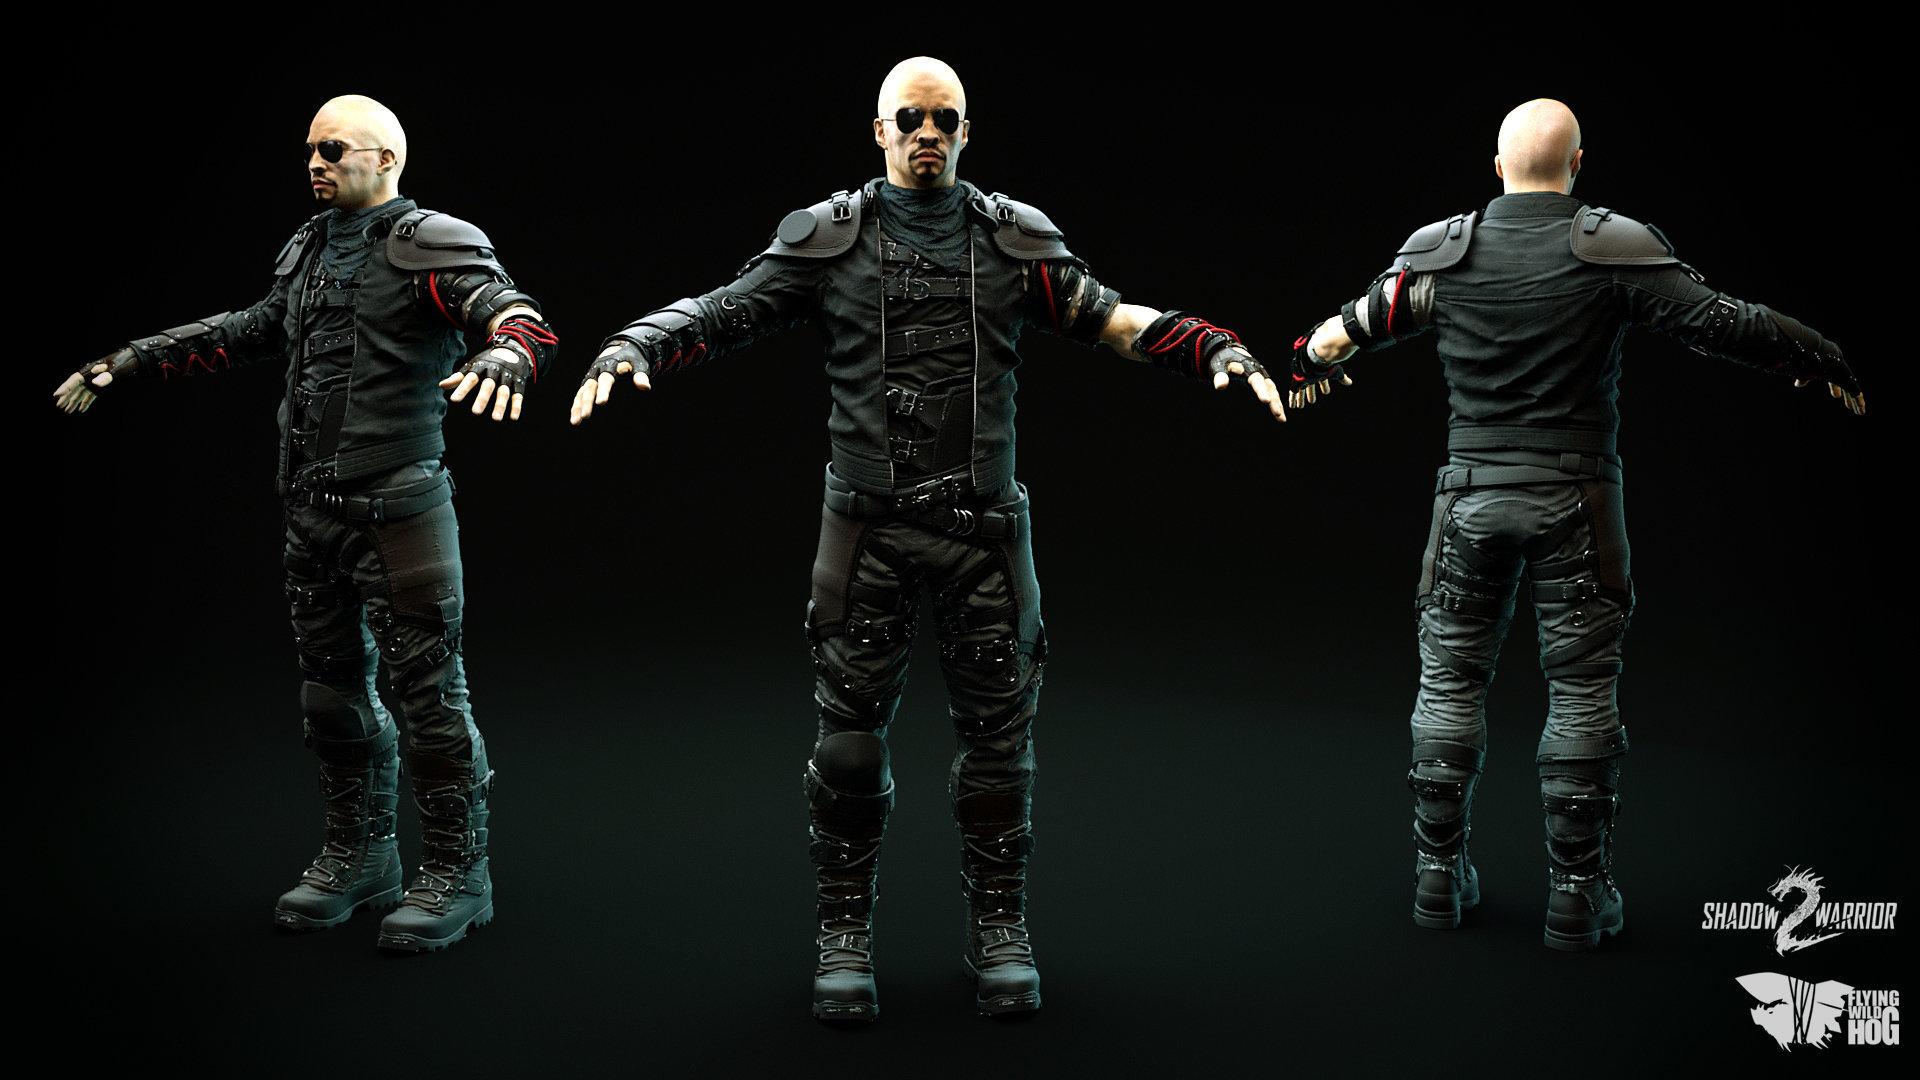 Shadow Warrior 2 Background